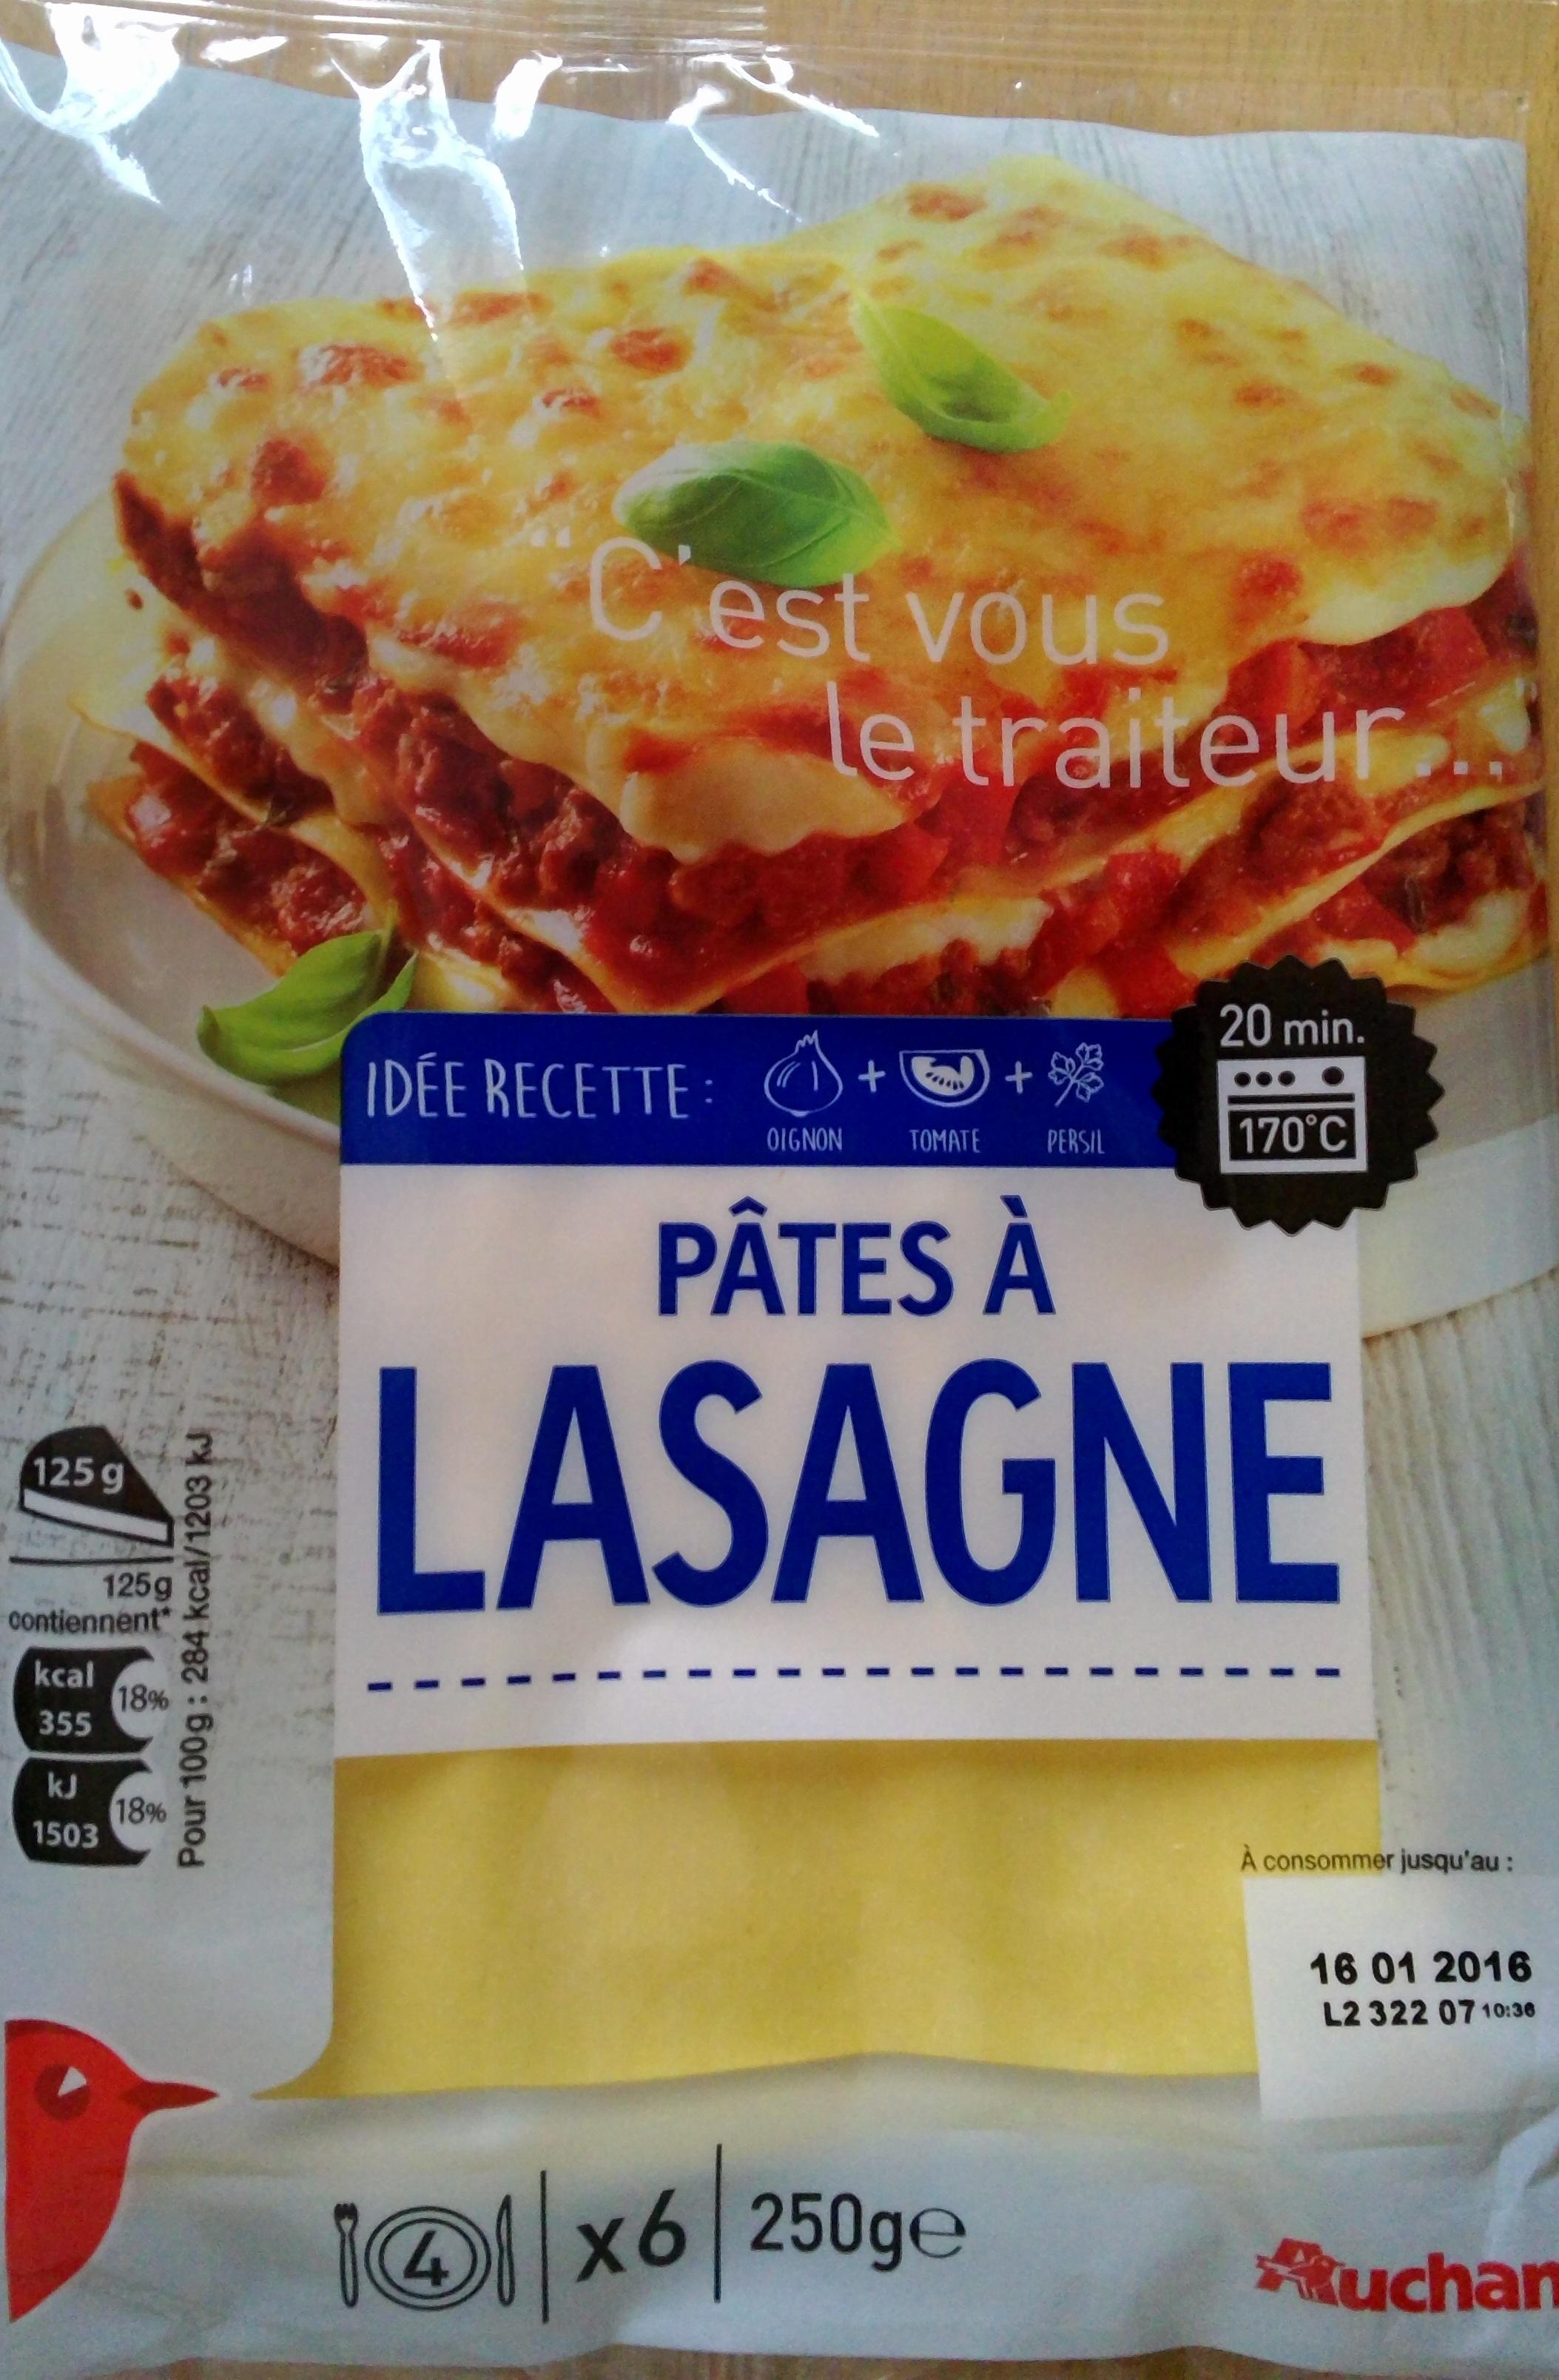 Lasagne Idee Recette.Pates A Lasagne Auchan 250g